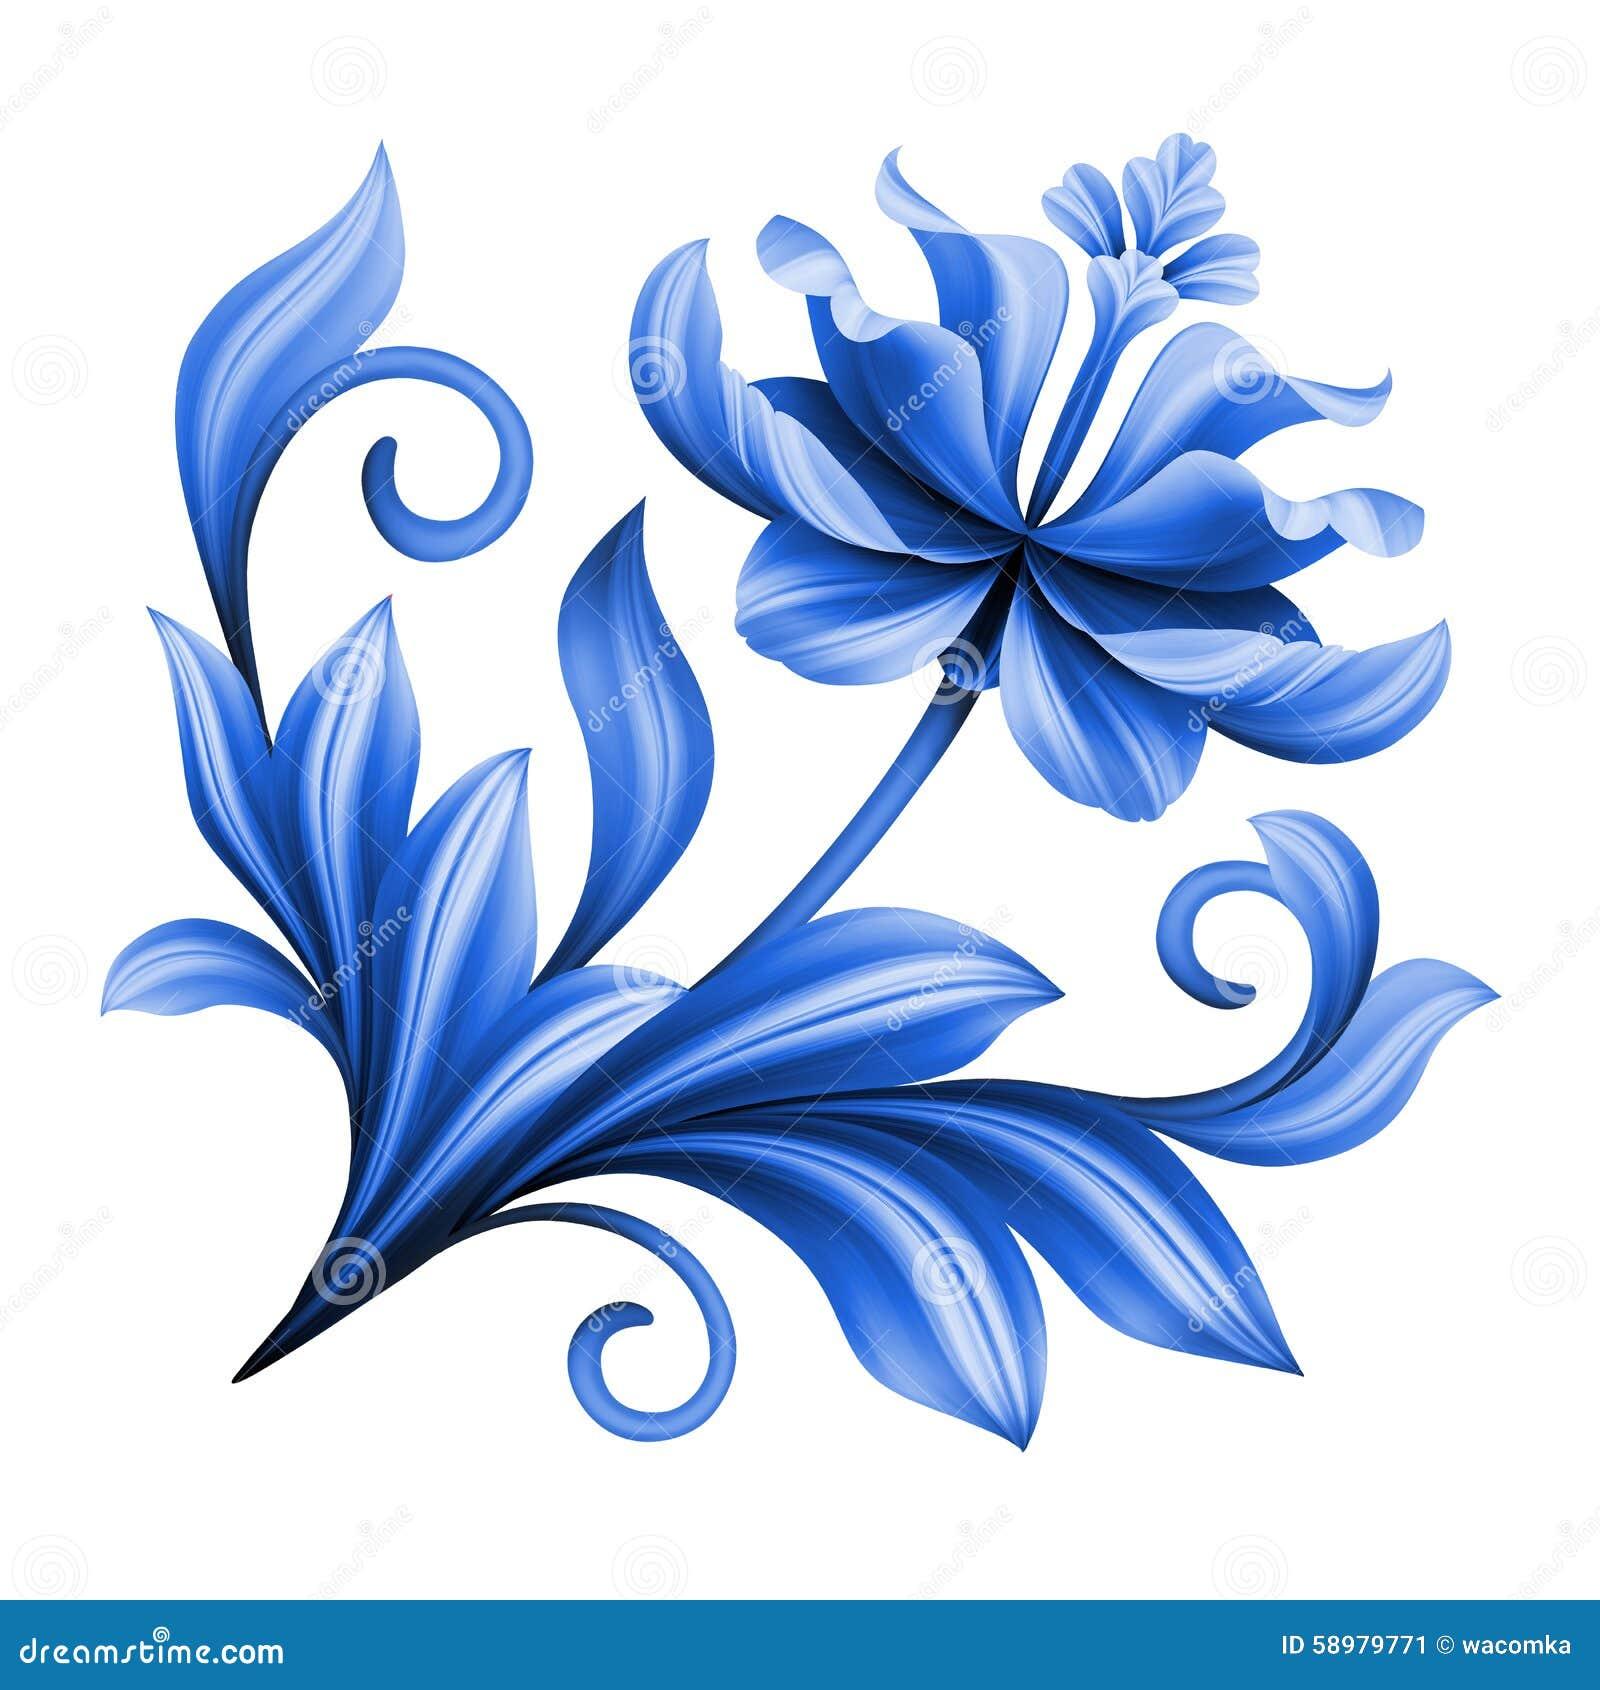 Artistiek bloemenelement, abstracte gzhel volkskunst, blauwe bloem